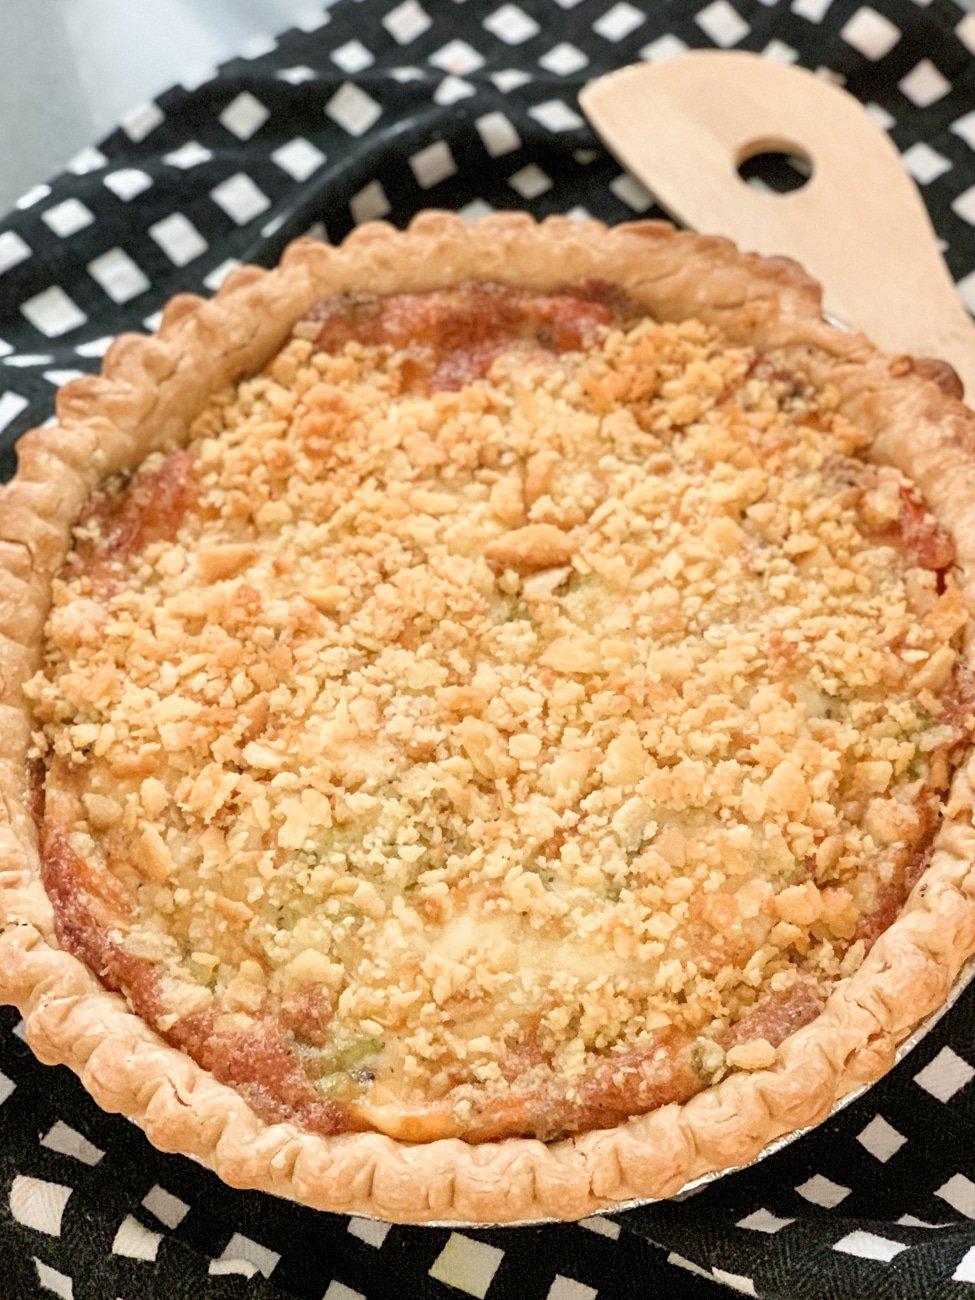 Tomato Pie cooked